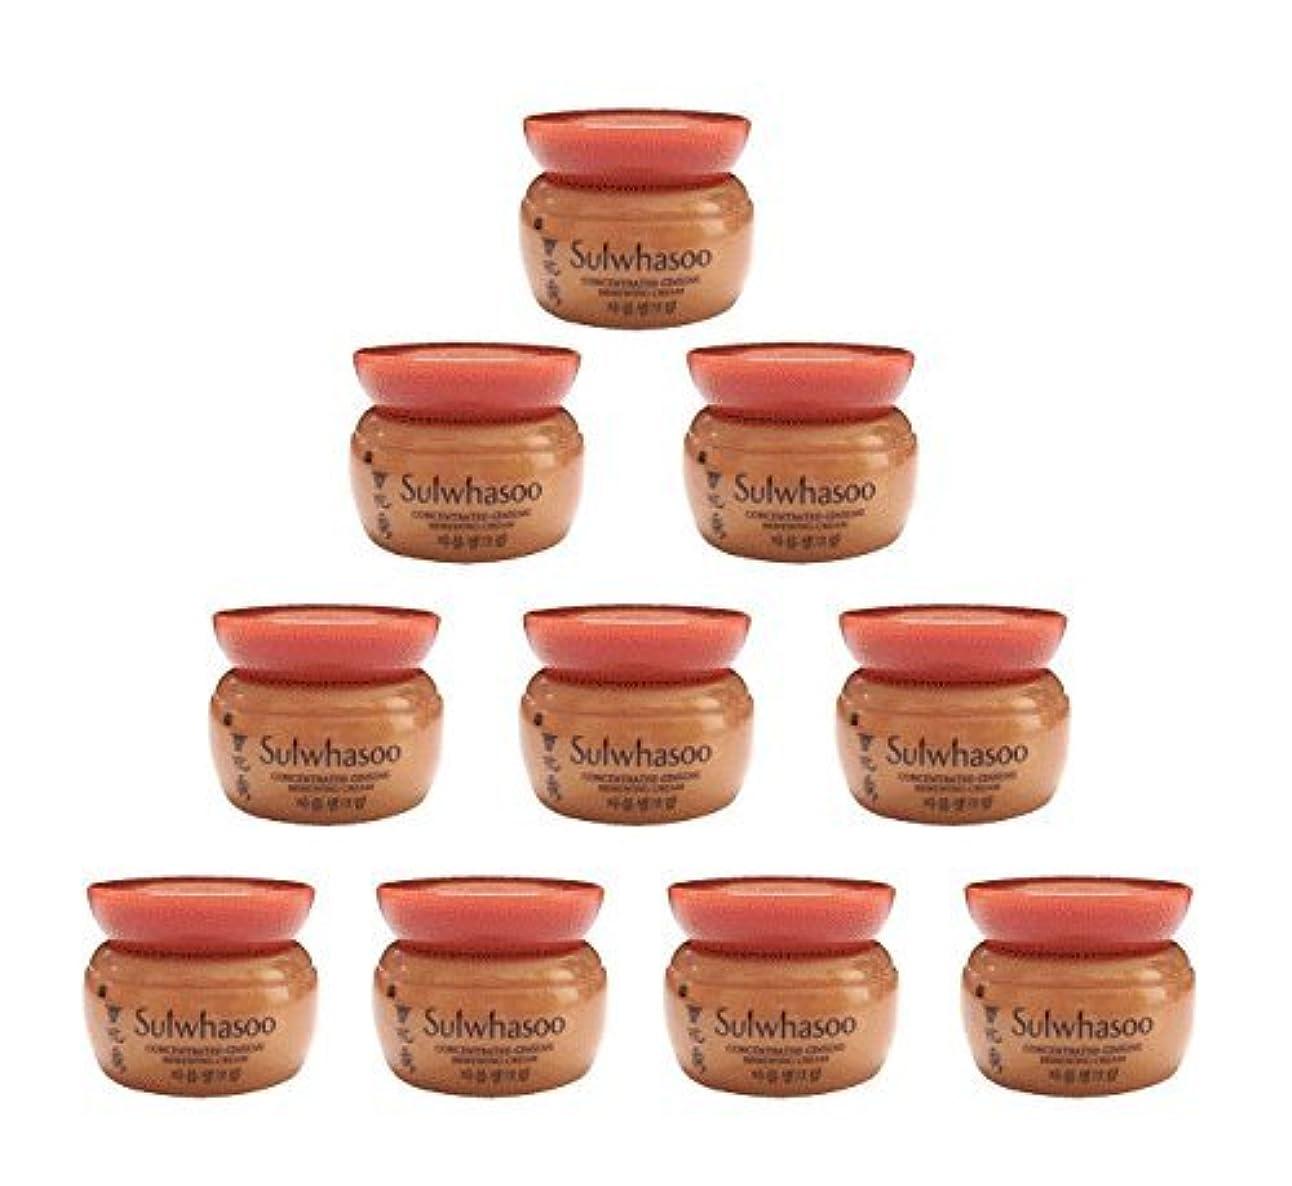 アプライアンスシロクマ部分的に【ソルファス 雪花秀 Sulwhasoo】 Concentrated Ginseng Renewing Cream(50ml) 5ml x 10個 韓国化粧品 ブランドのサンプル [並行輸入品]